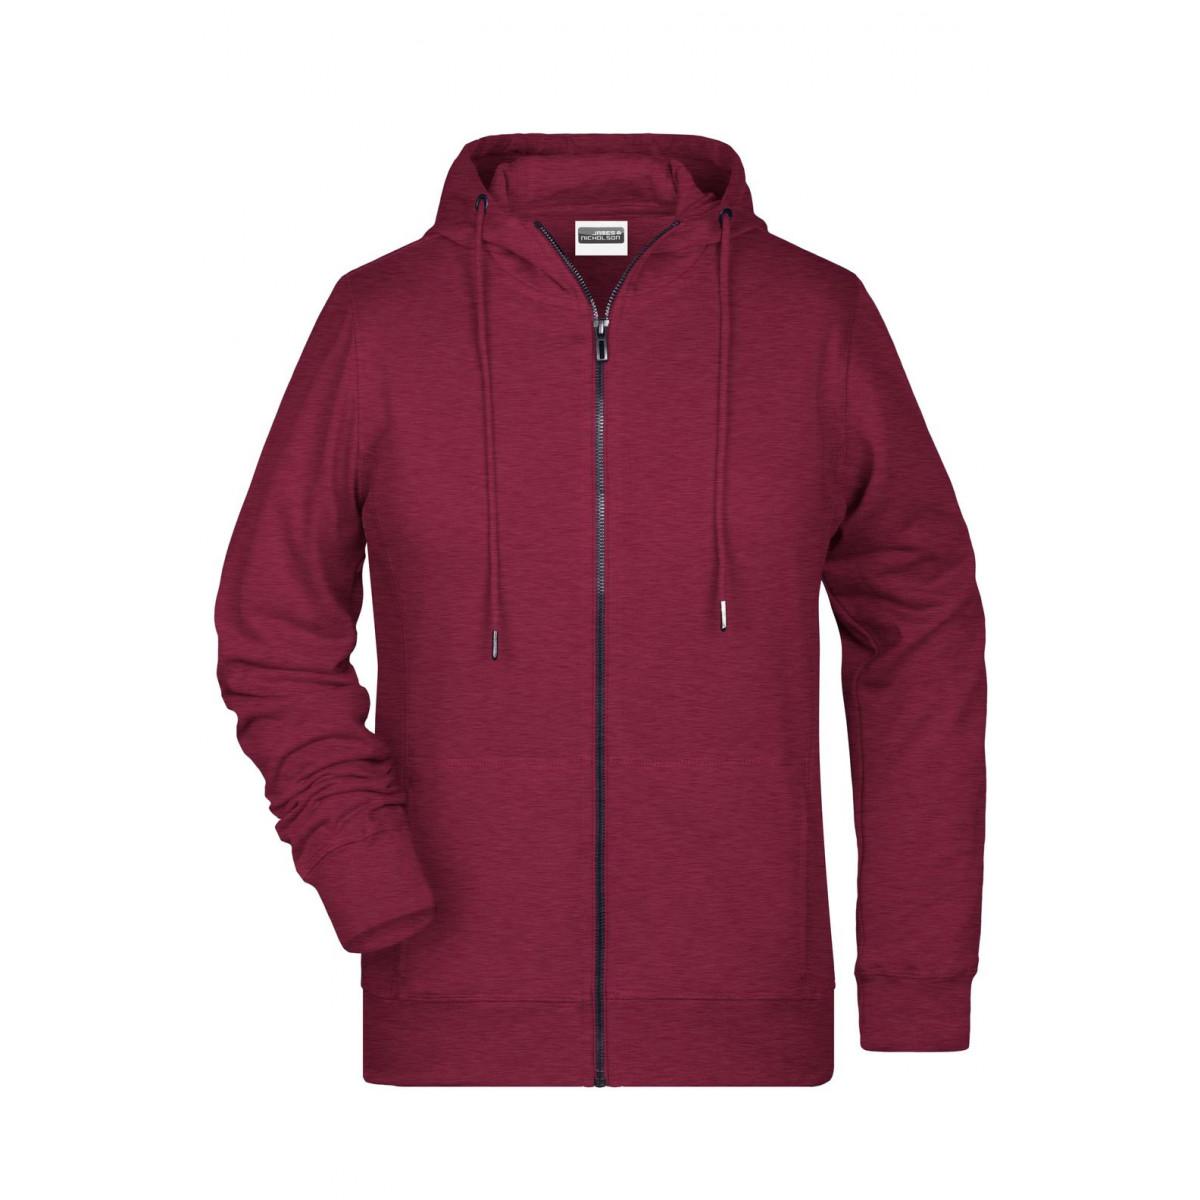 Толстовка женская 8025 Ladies Zip Hoody - Бордовый меланж